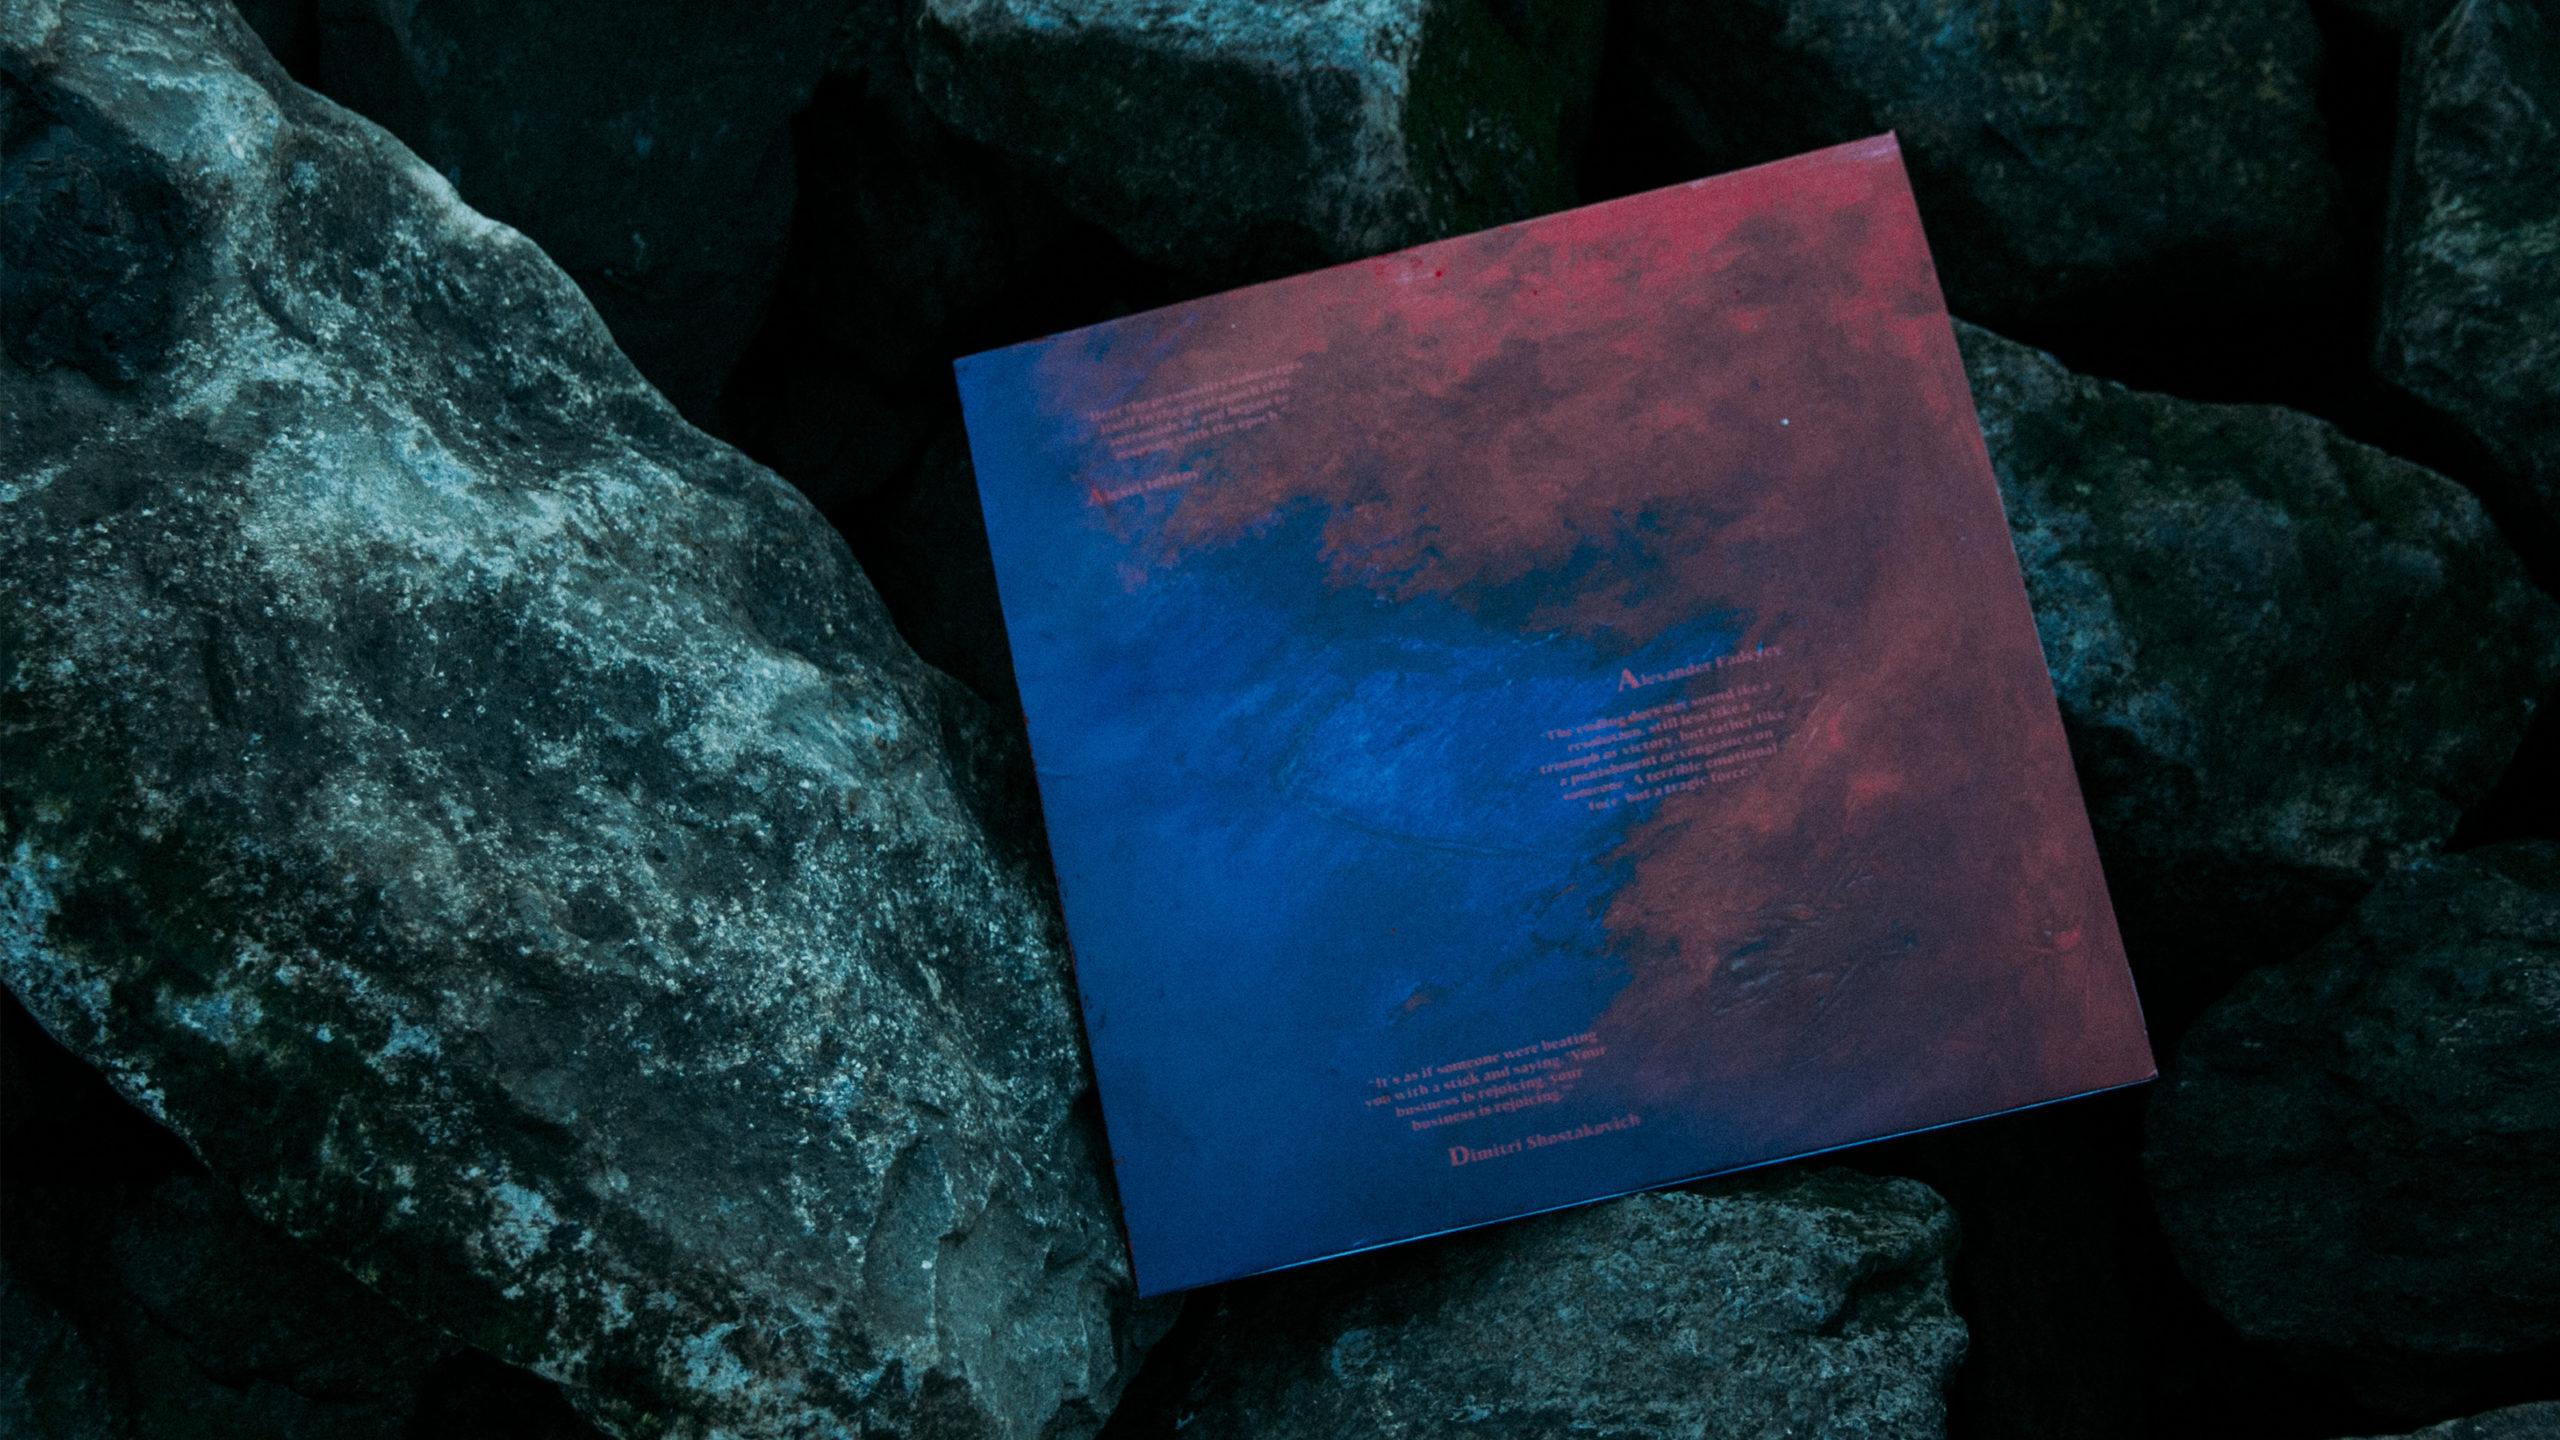 vinyl cover on rocks